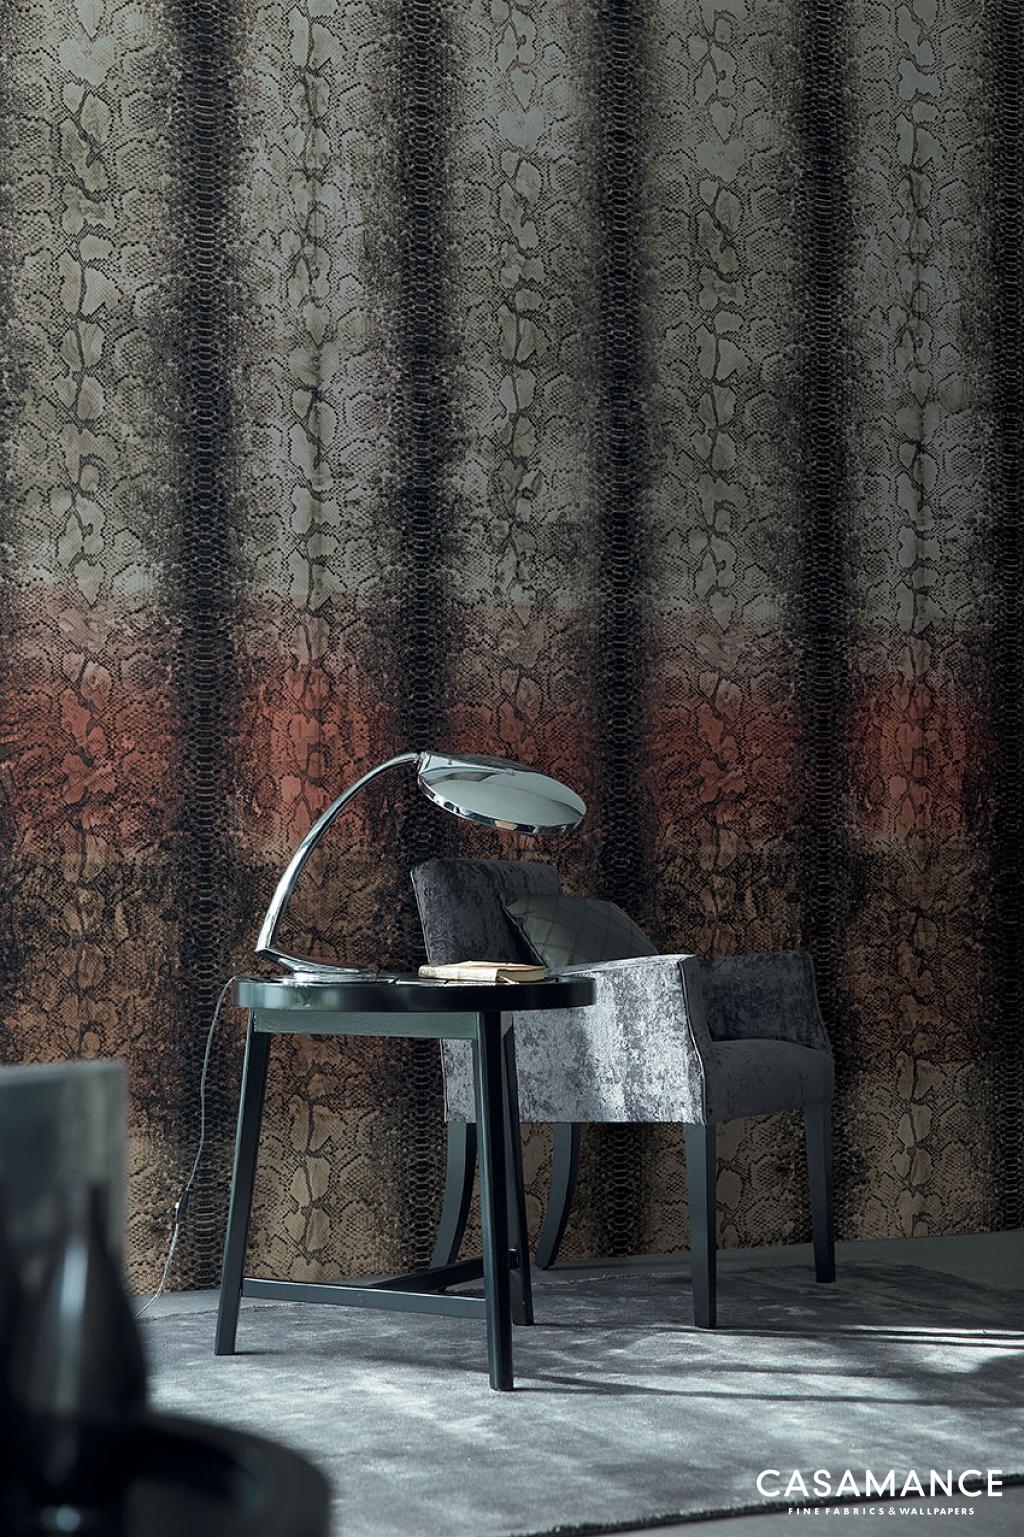 Caractere-Casamance-Wall-panel-wallpaper-wp5205016